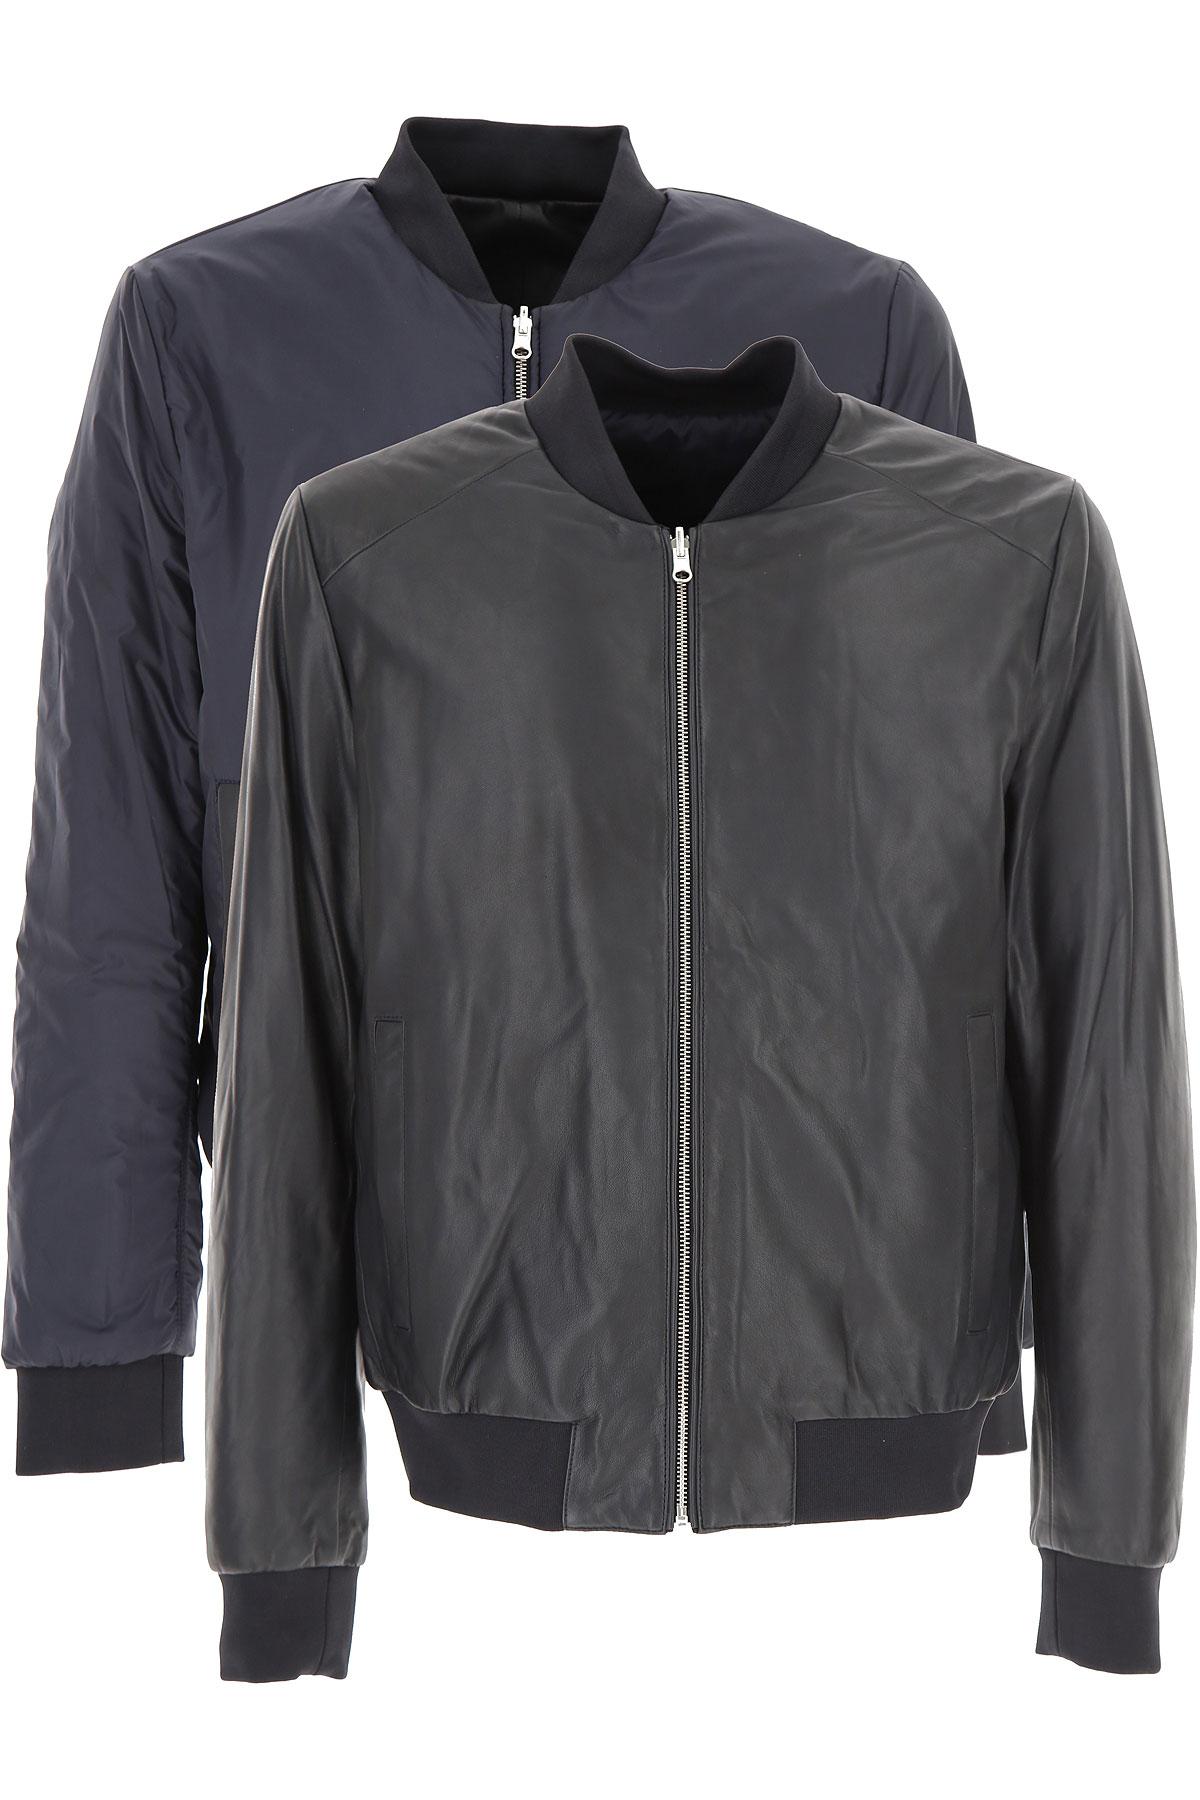 カール・ラガー�-ェルド レザージャケット男性用 メンズ セール, Reversible, 黒, レザー, 2017, L XL